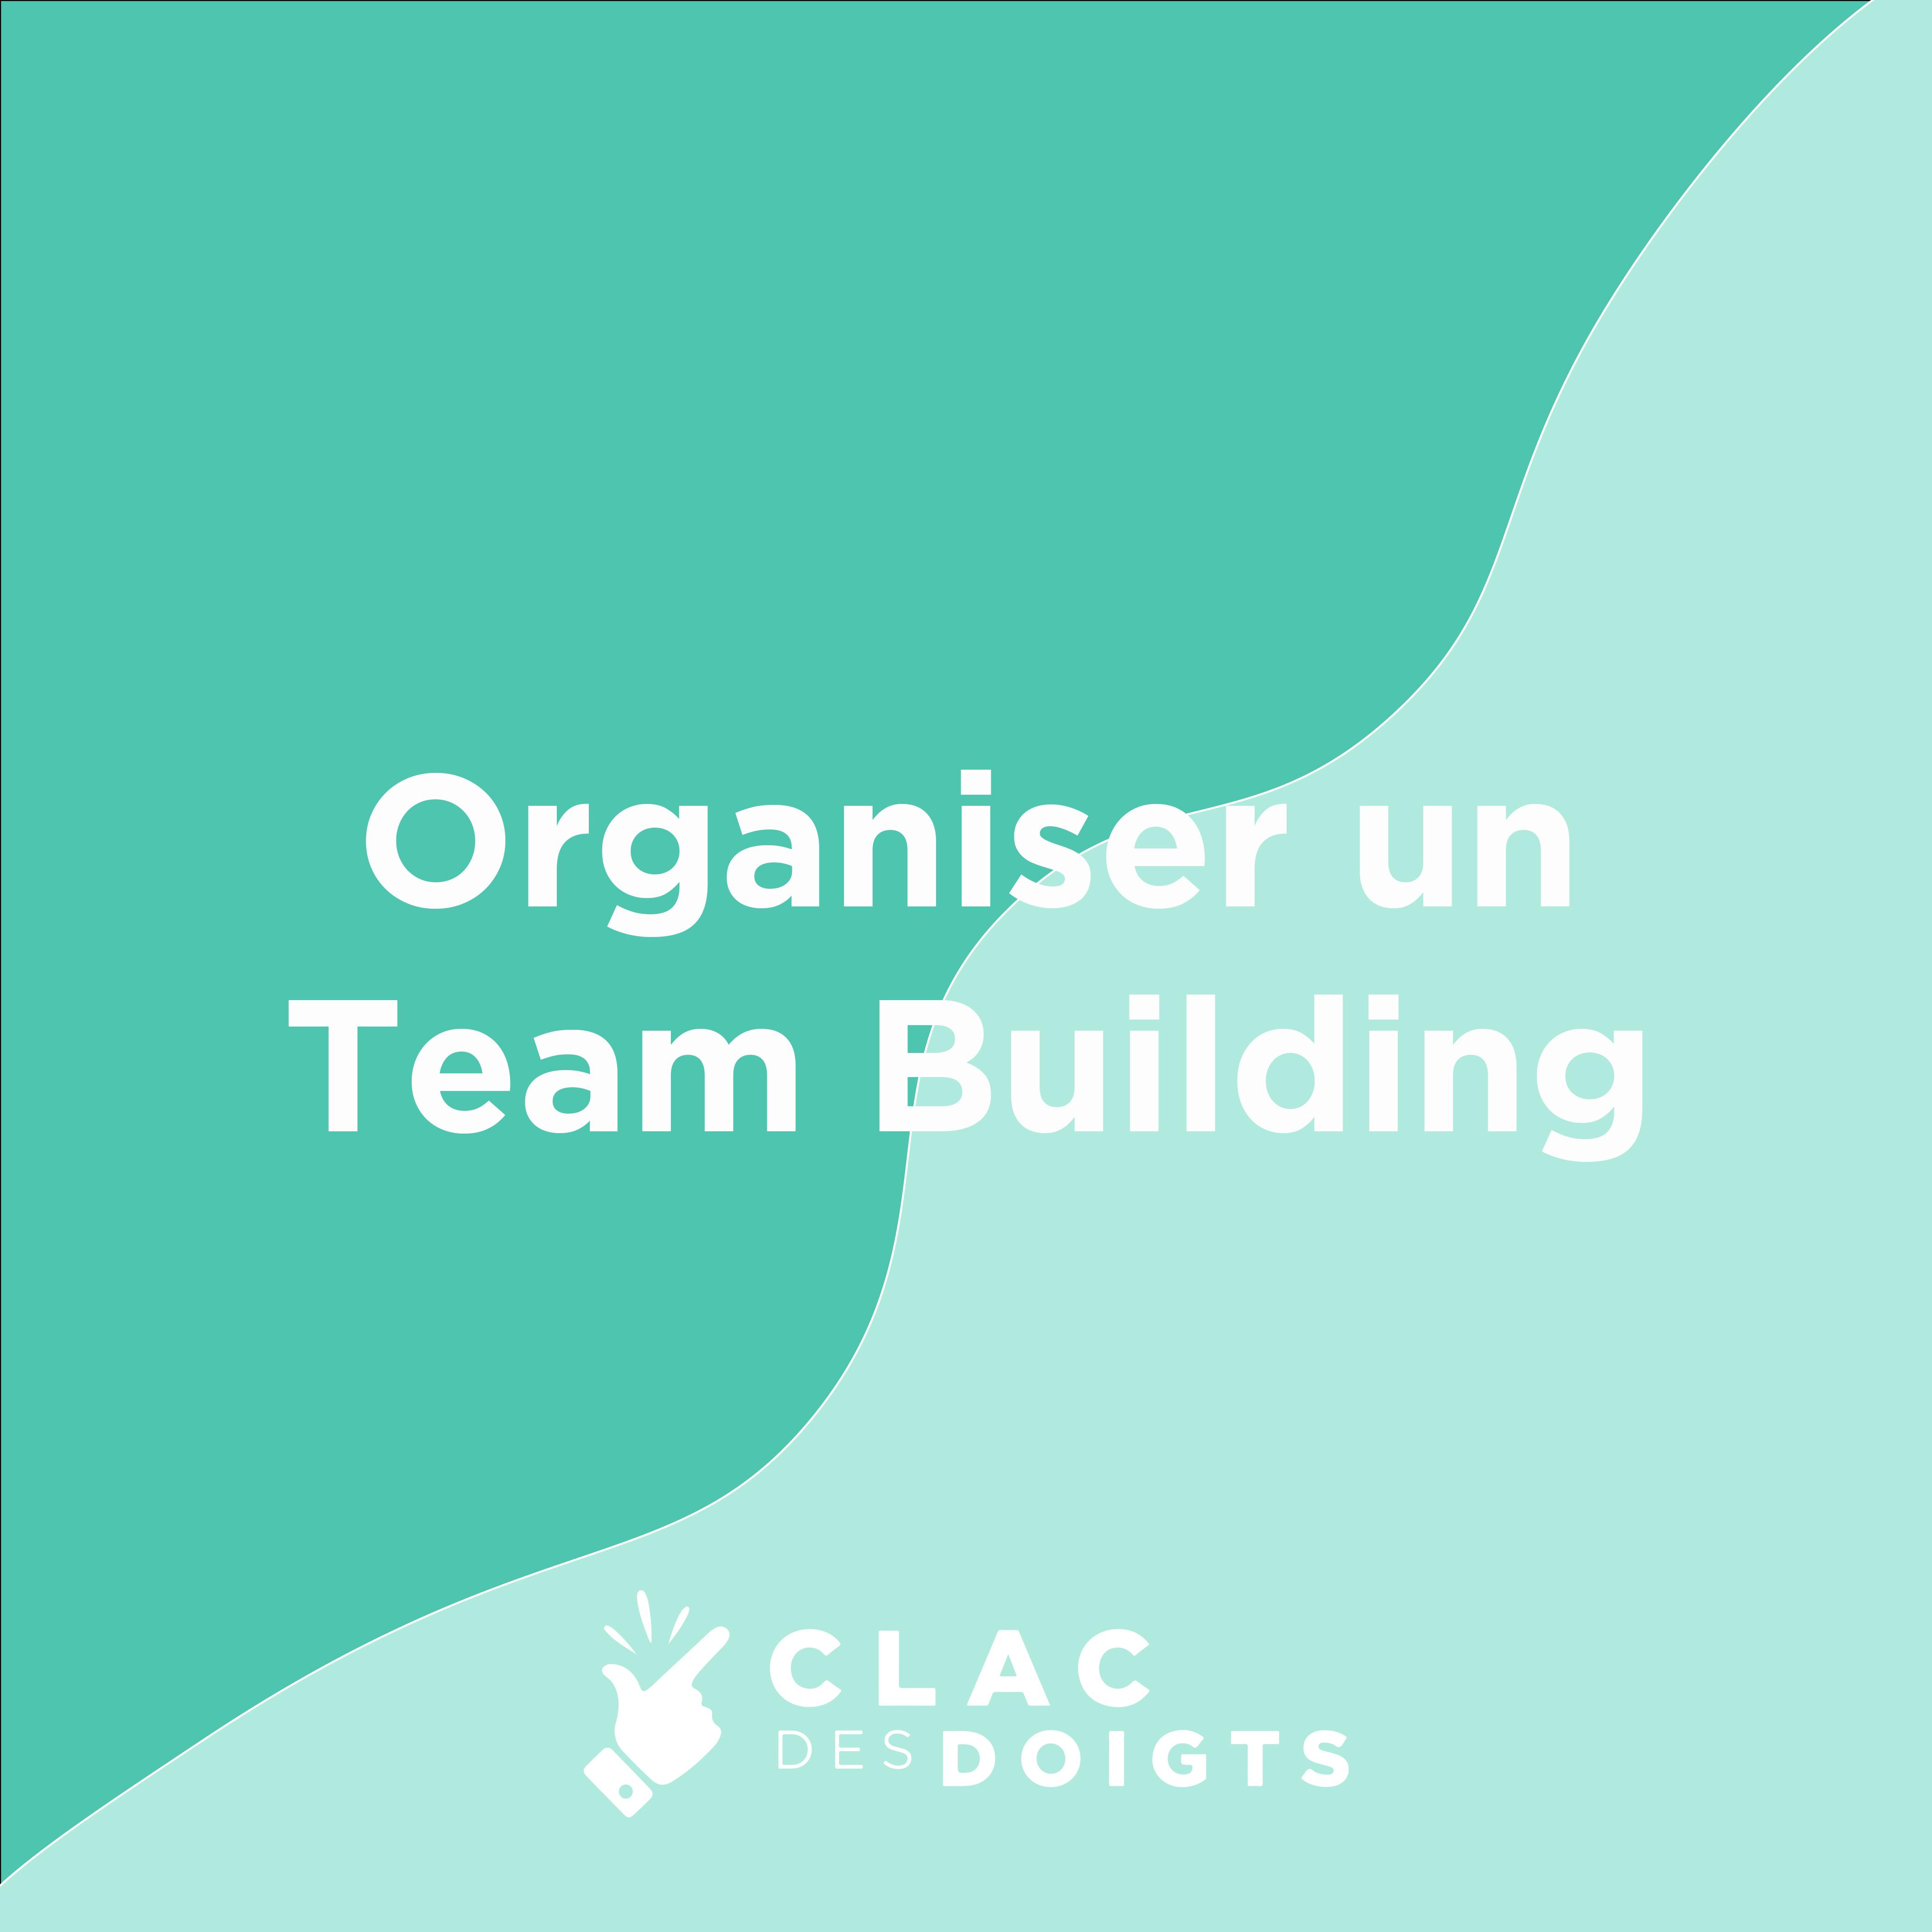 Histoire Clac N°23 : organiser un team building